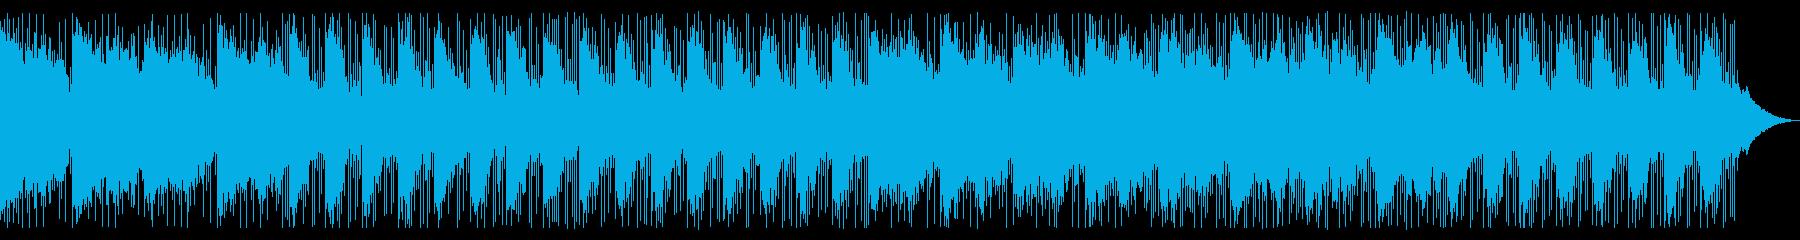 夏の風。爽やか。ラウンジミュージック。の再生済みの波形